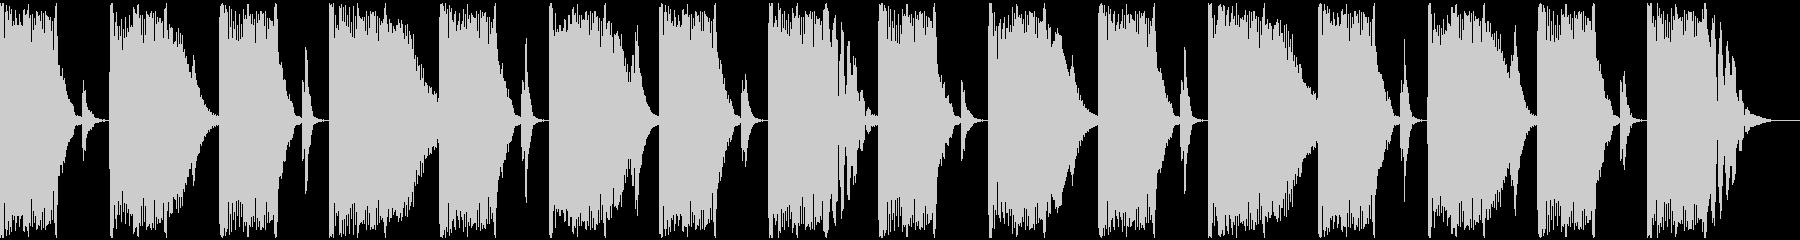 【エレクトロニカ】ロング2、ショート5の未再生の波形